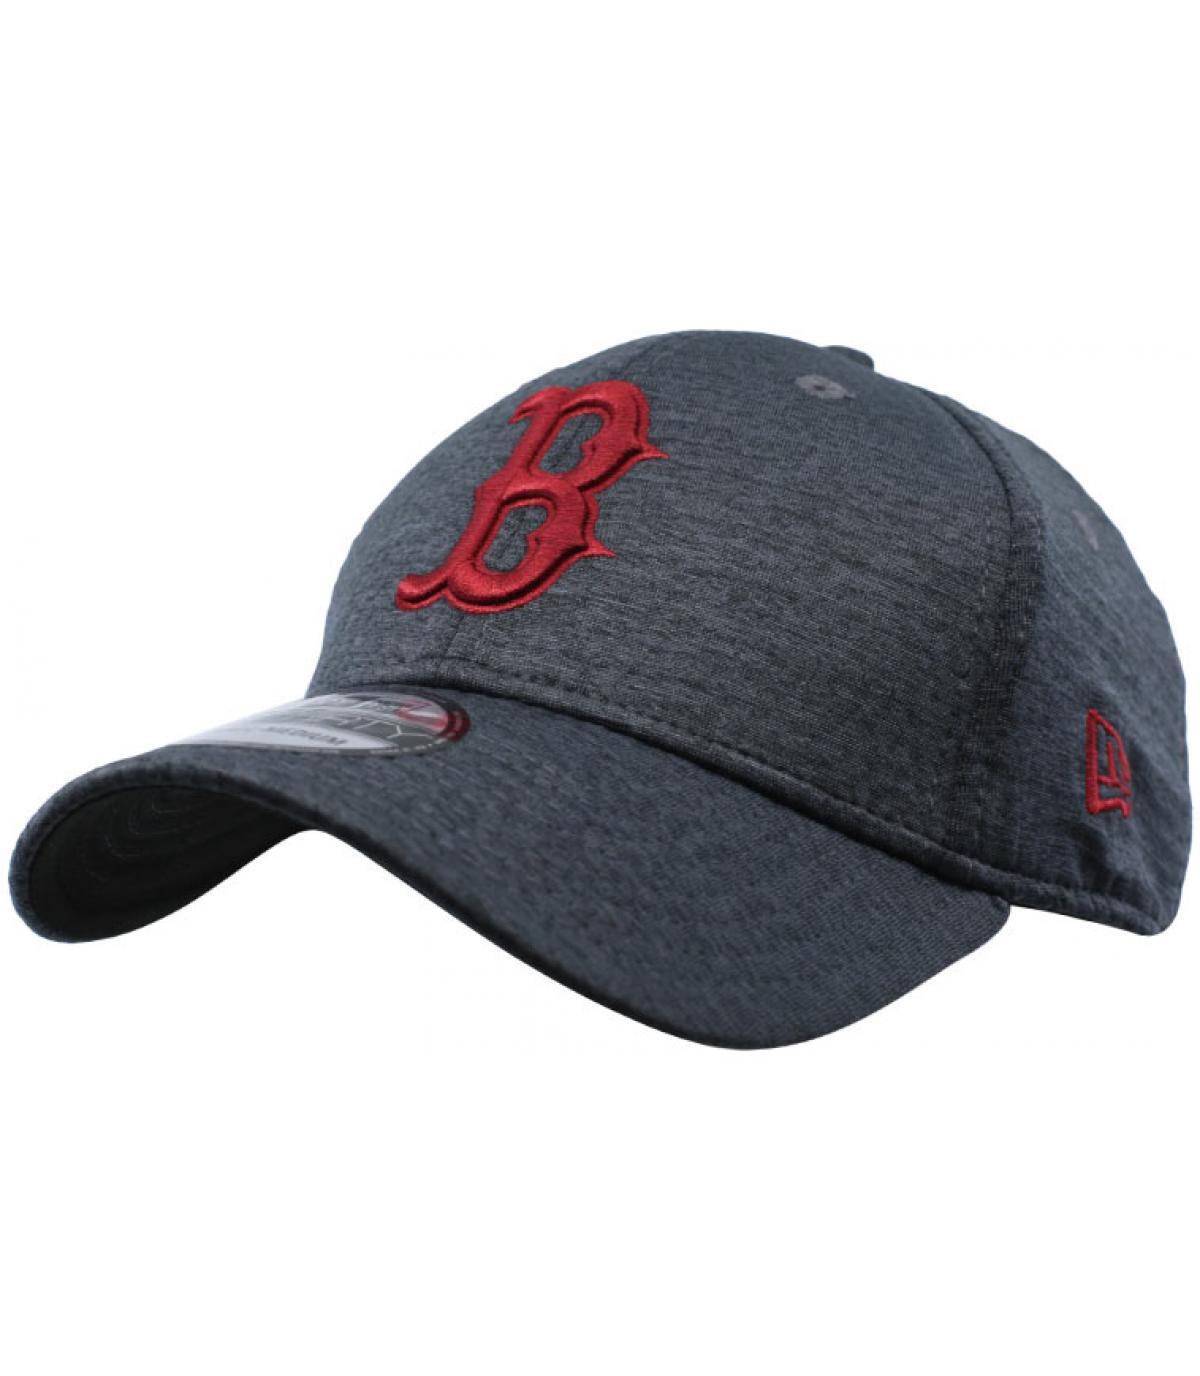 casquette B noir bordeaux